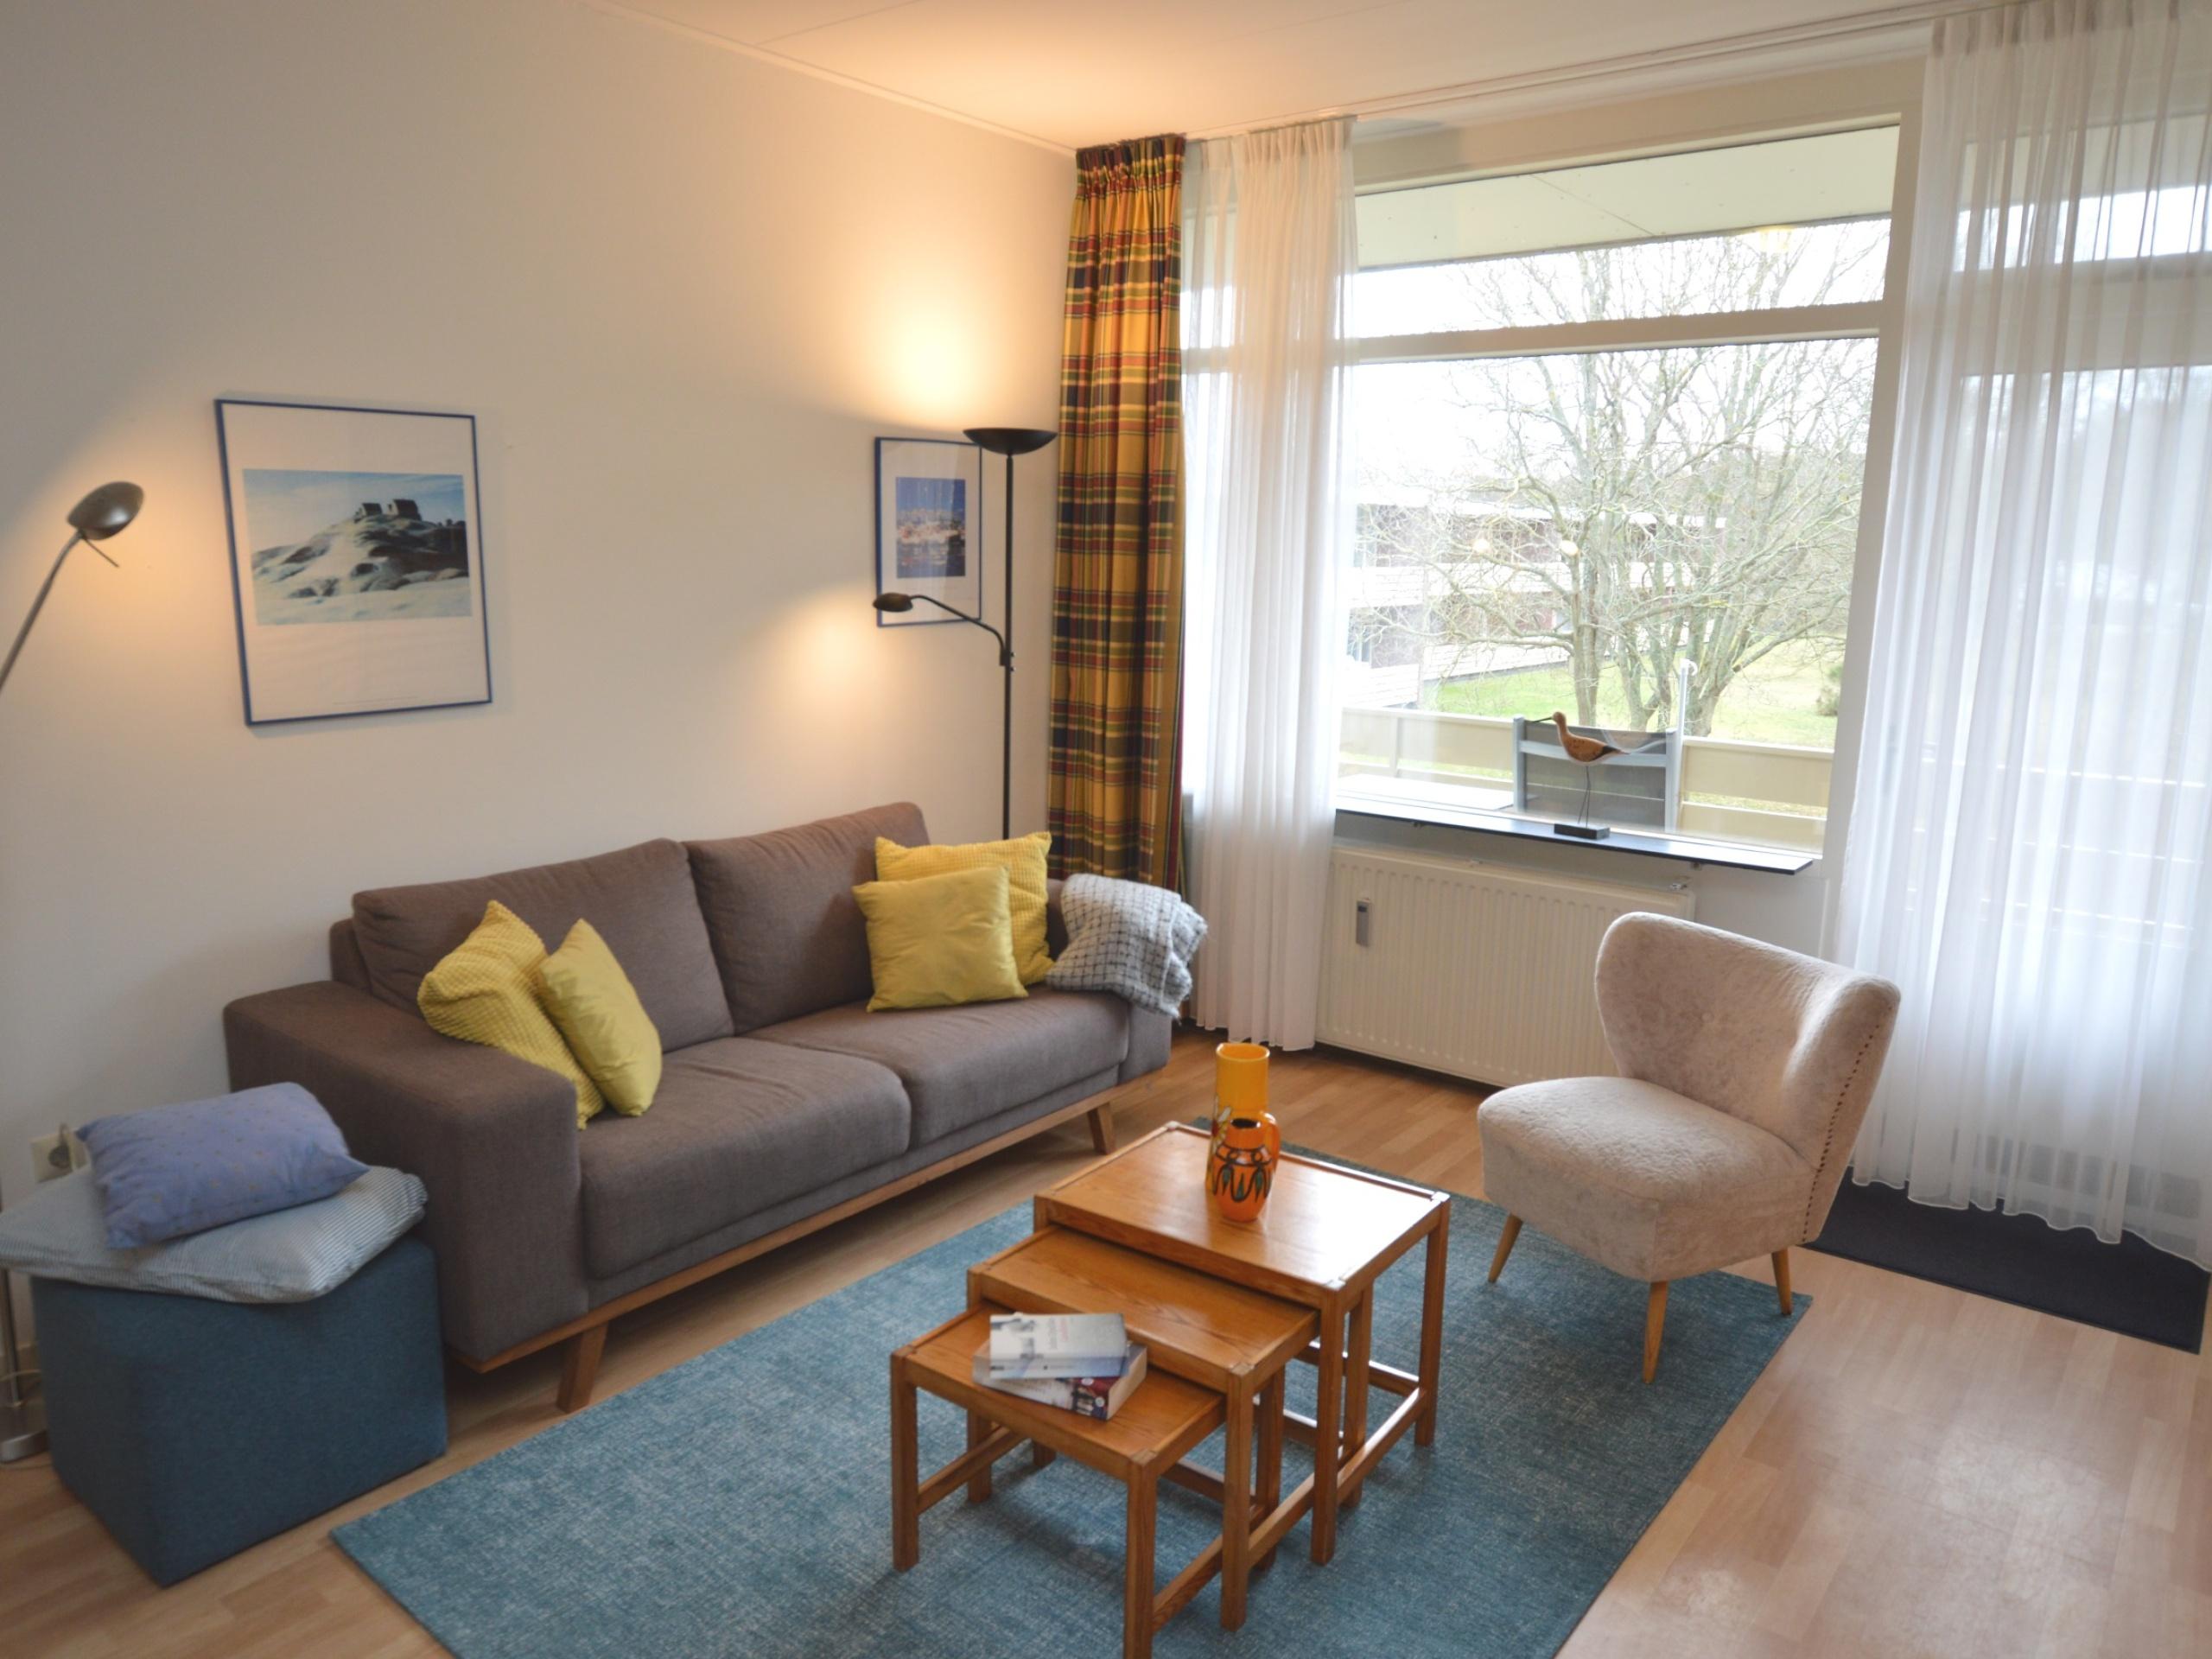 Komfortable Wohnung an der Gartenseite in der Nähe von De Koog und Wald